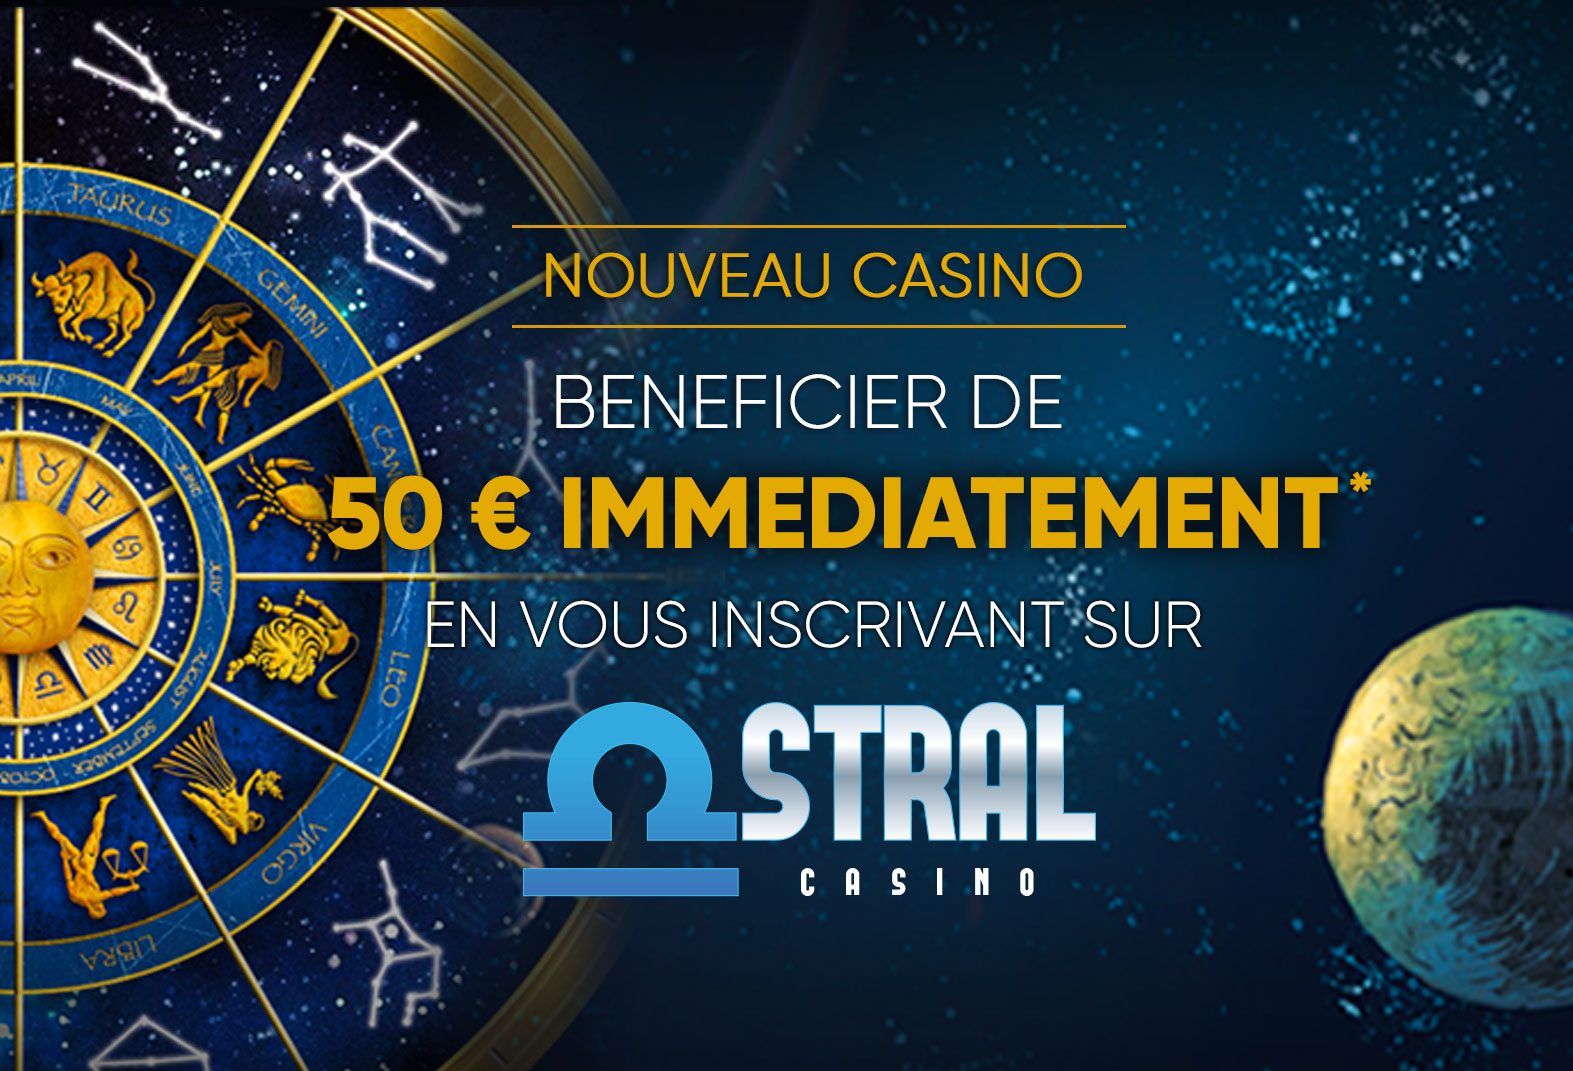 casino astral